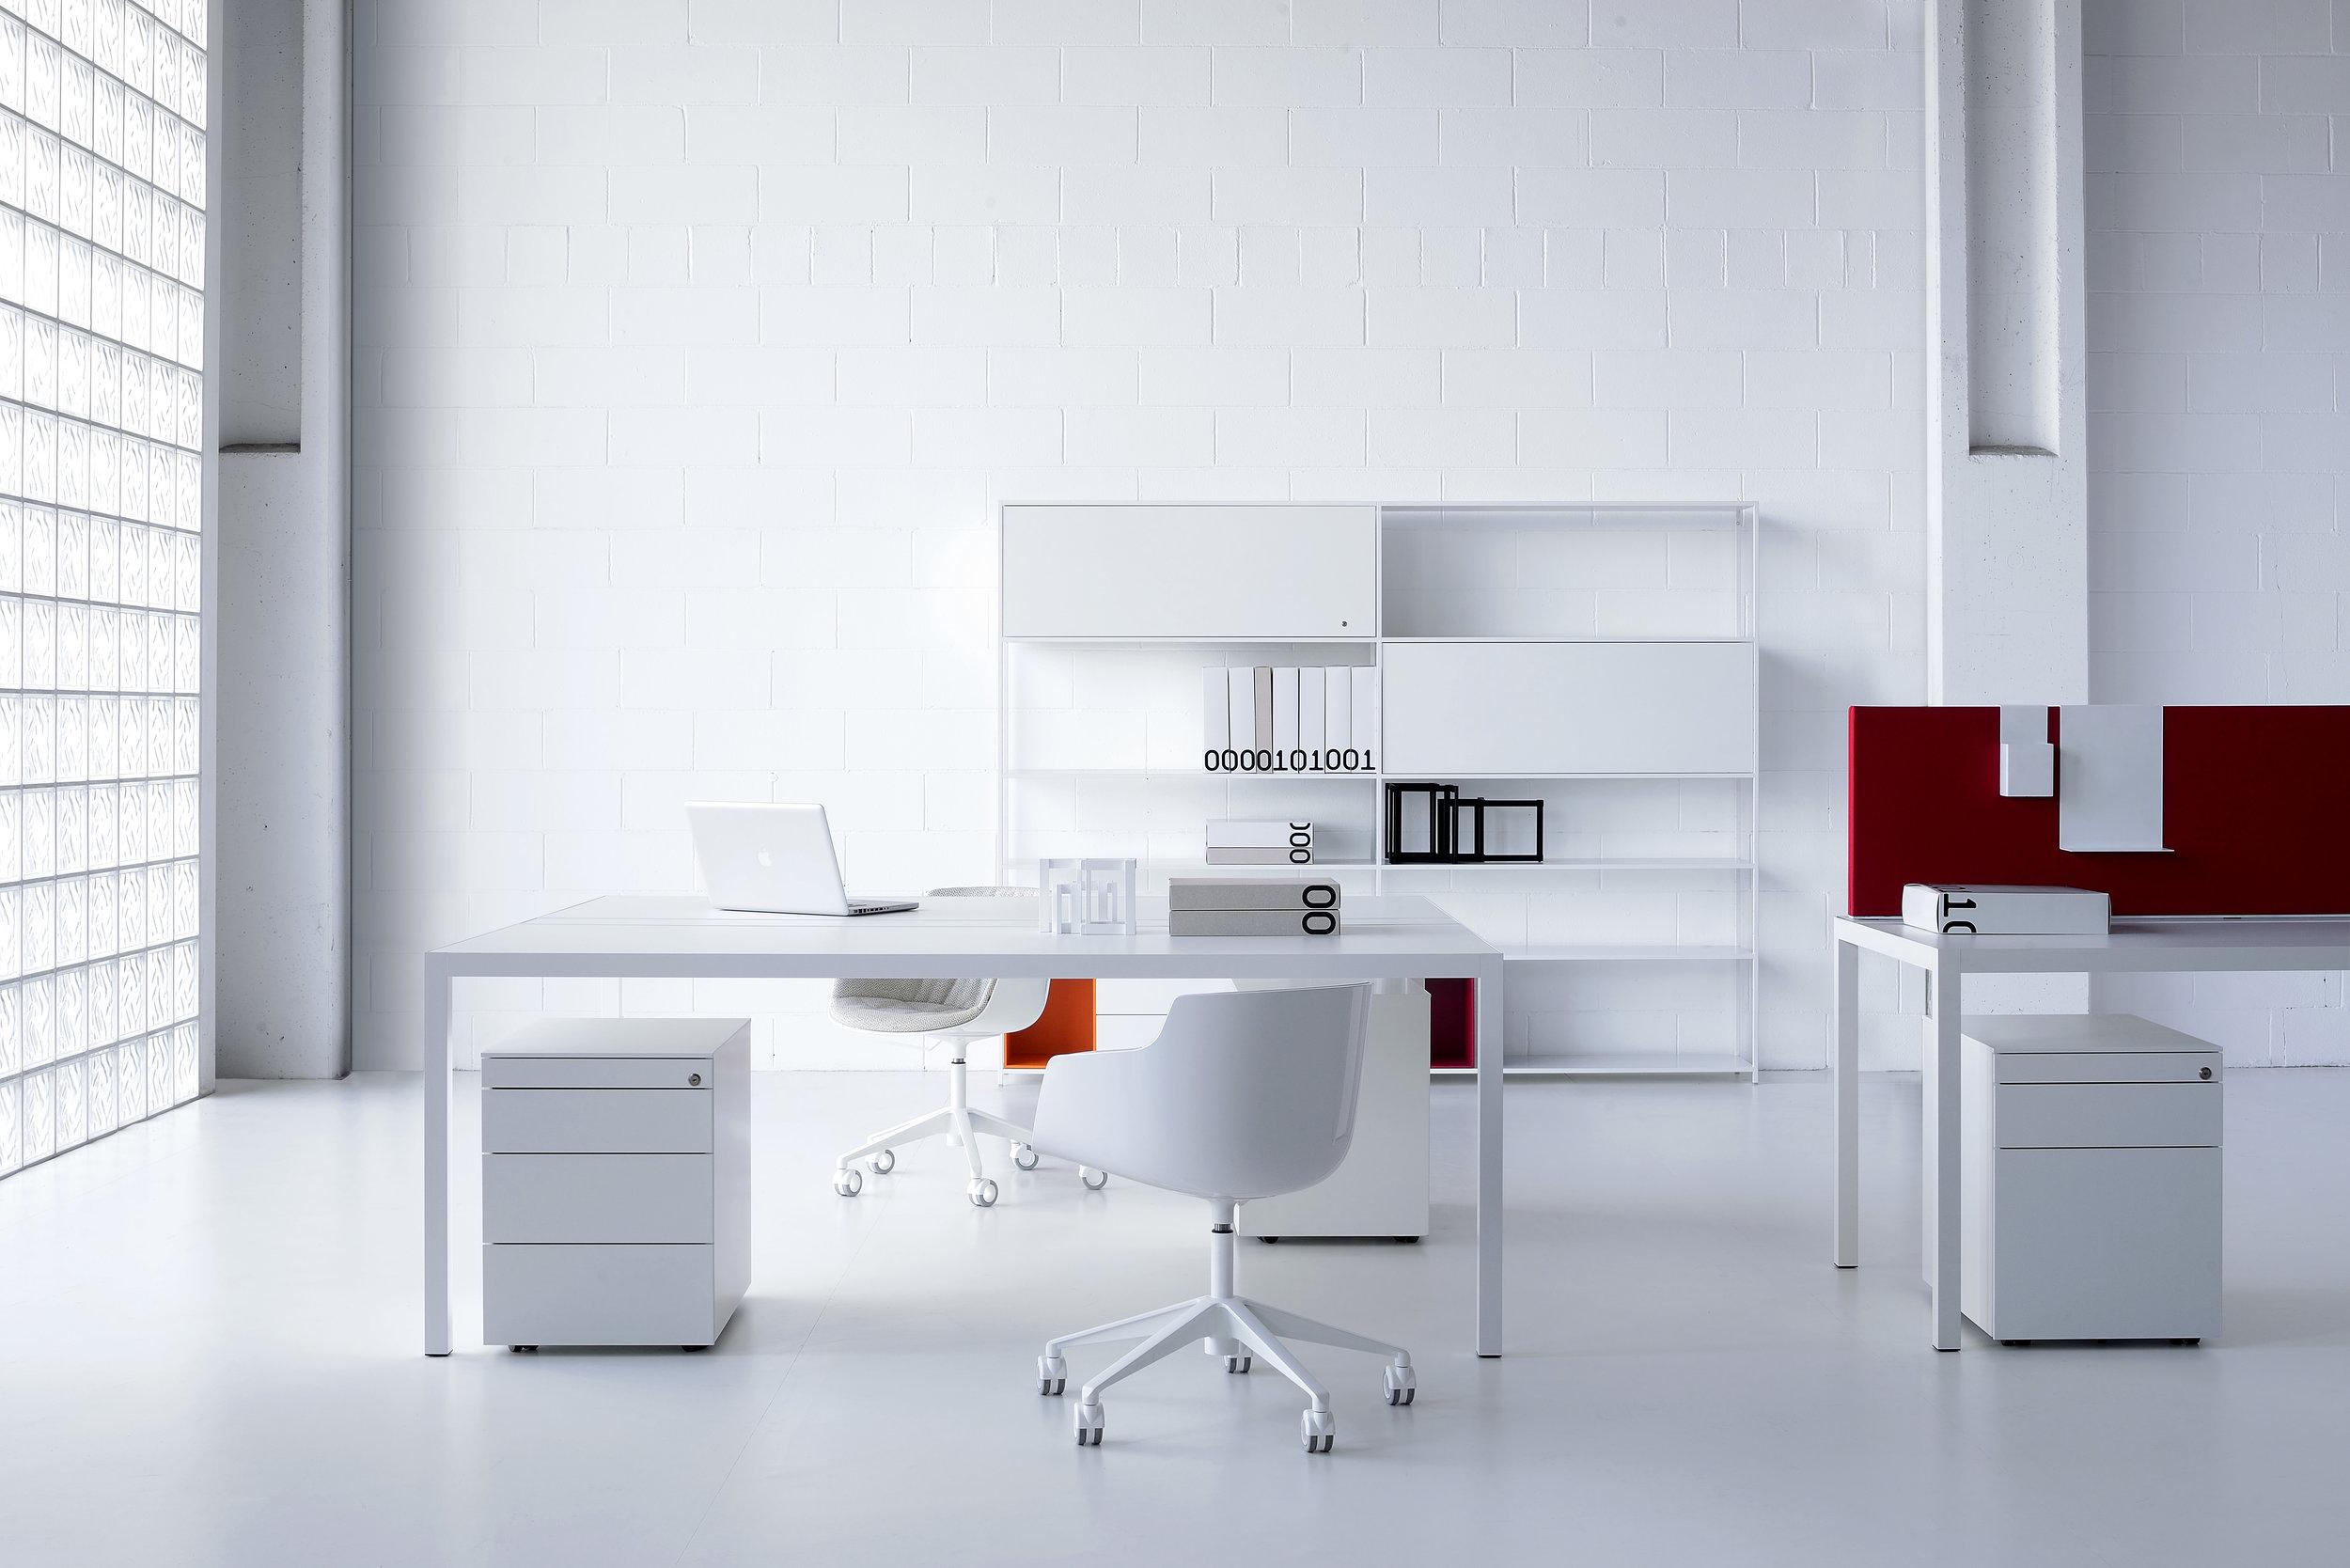 Desk_3-0_composition_01.jpg